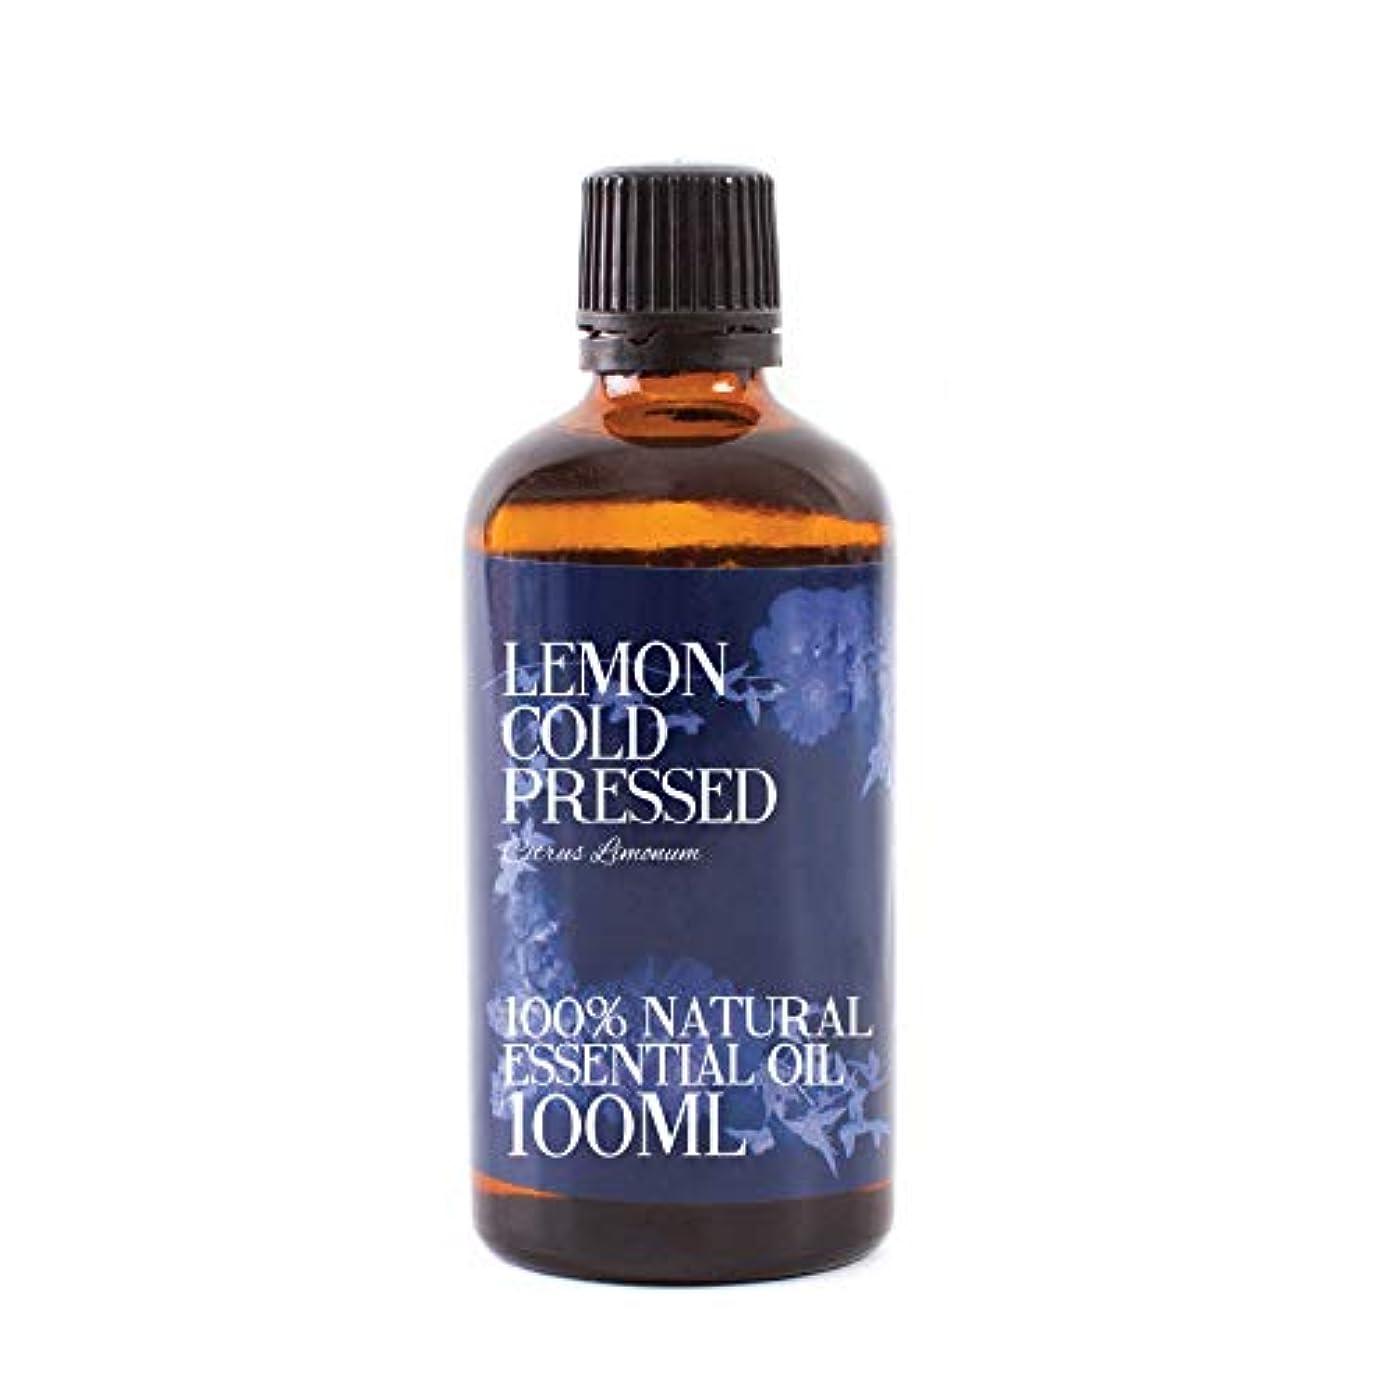 輪郭体操選手陰気Mystic Moments | Lemon Cold Pressed Essential Oil - 100ml - 100% Natural